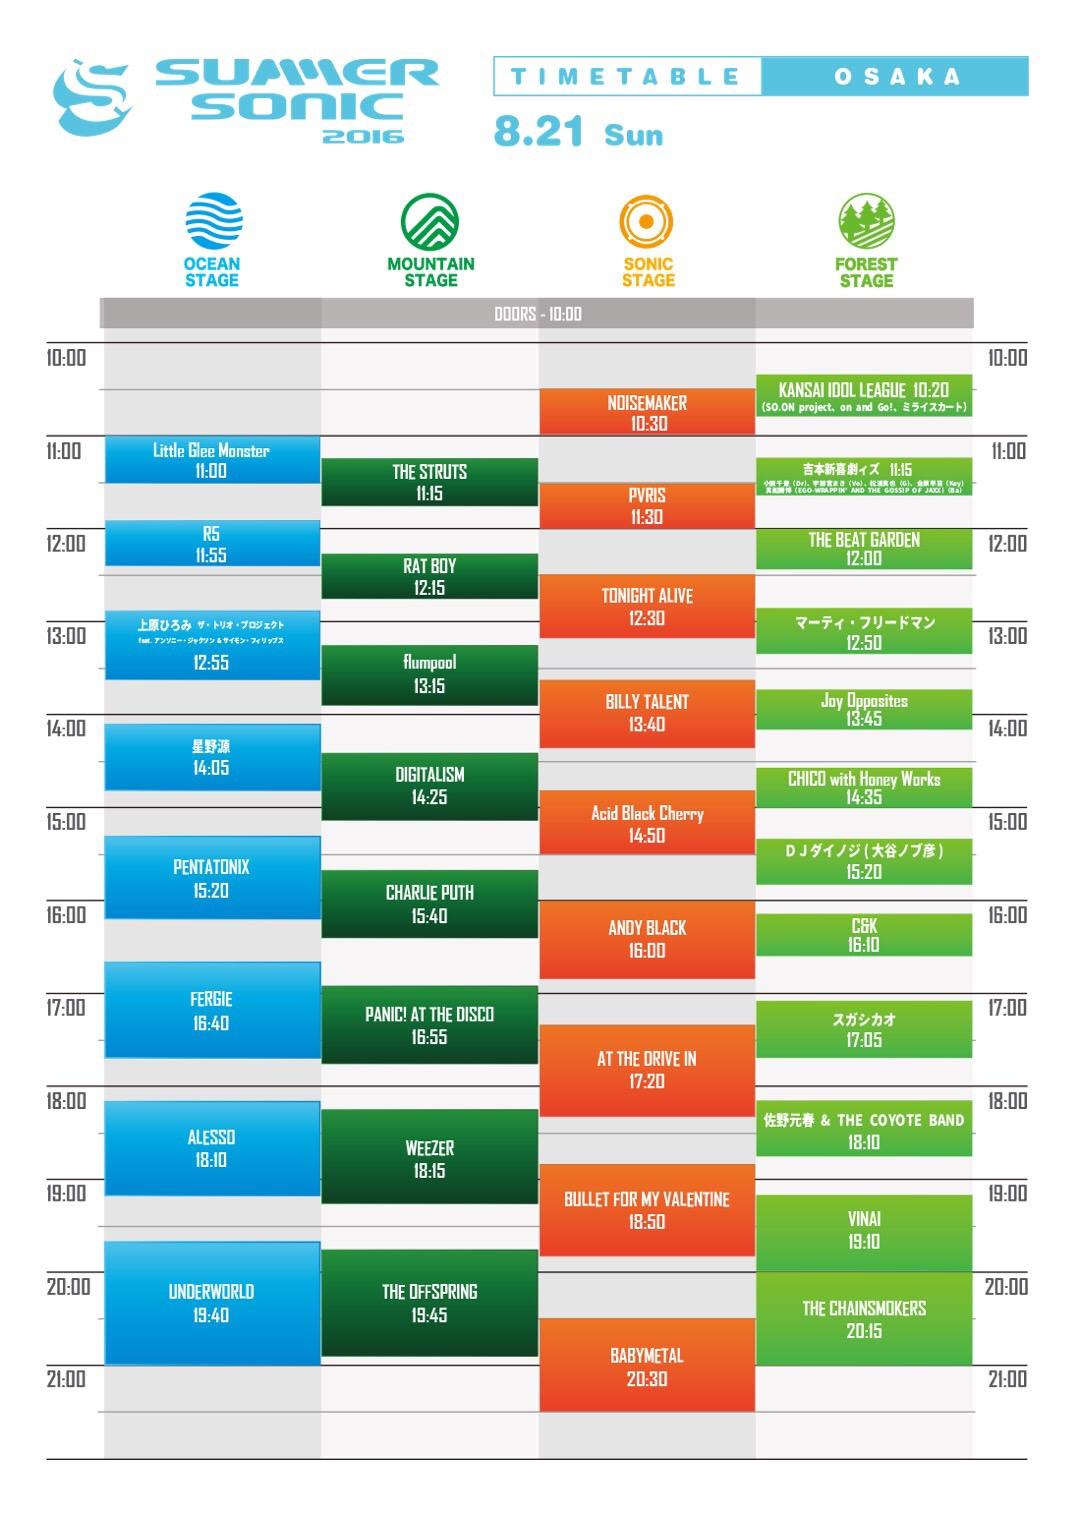 SUMMER SONIC 2016 OSAKA 8.21 SUN